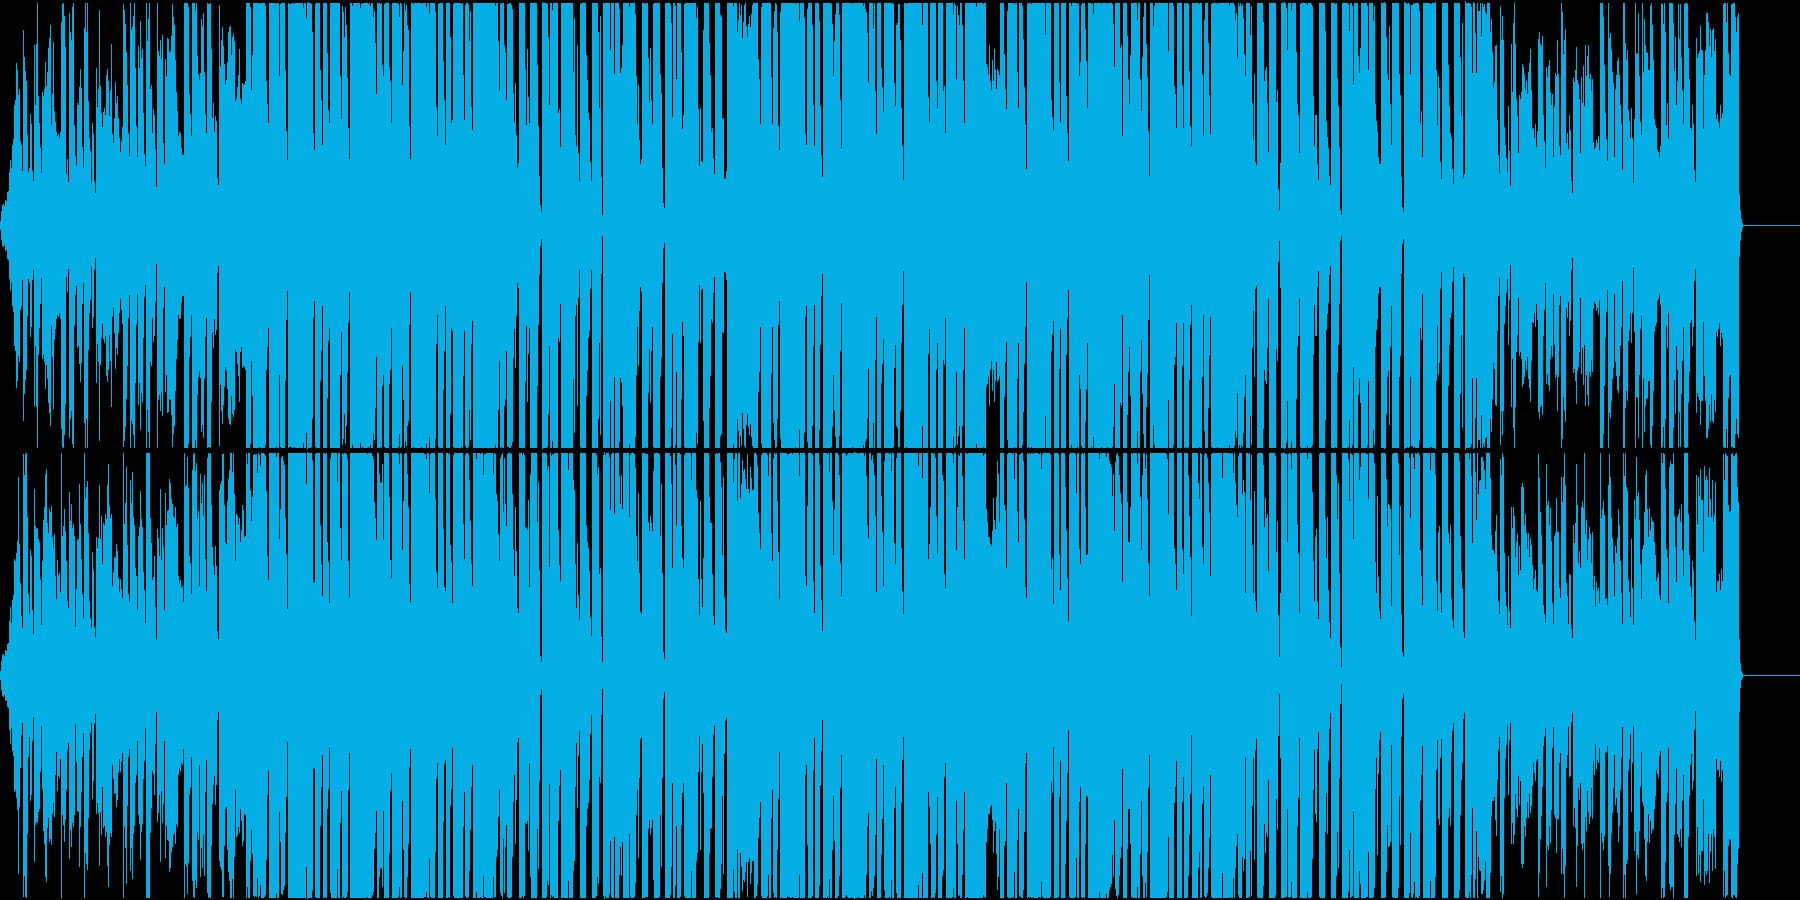 デジタルでフラットな雰囲気のEDMの再生済みの波形